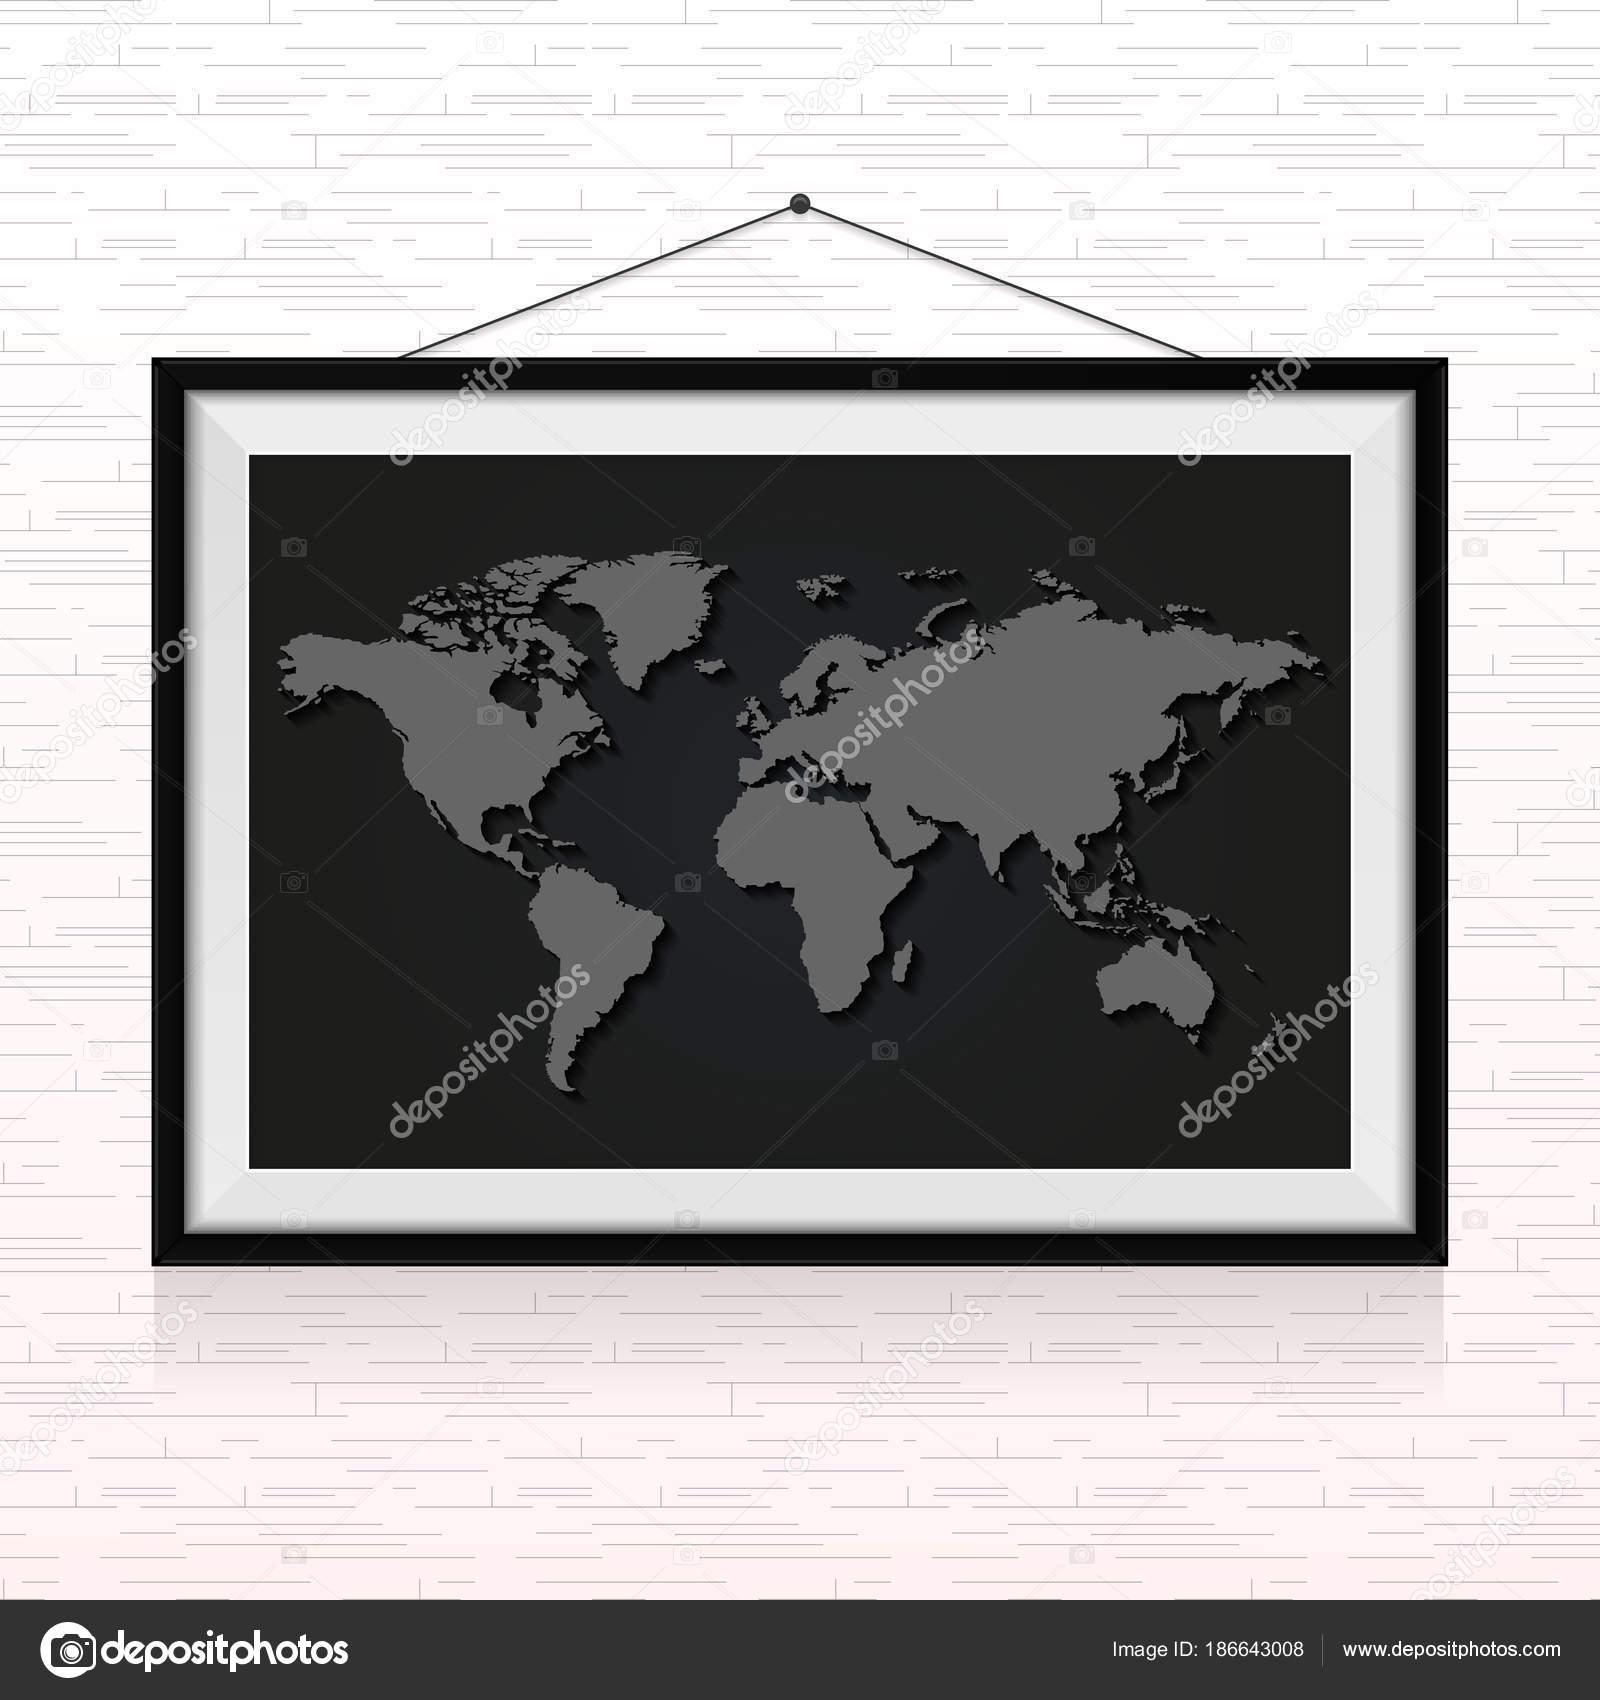 Mapa Del Mundo Marco Foto Colgado Pared — Vector de stock ...